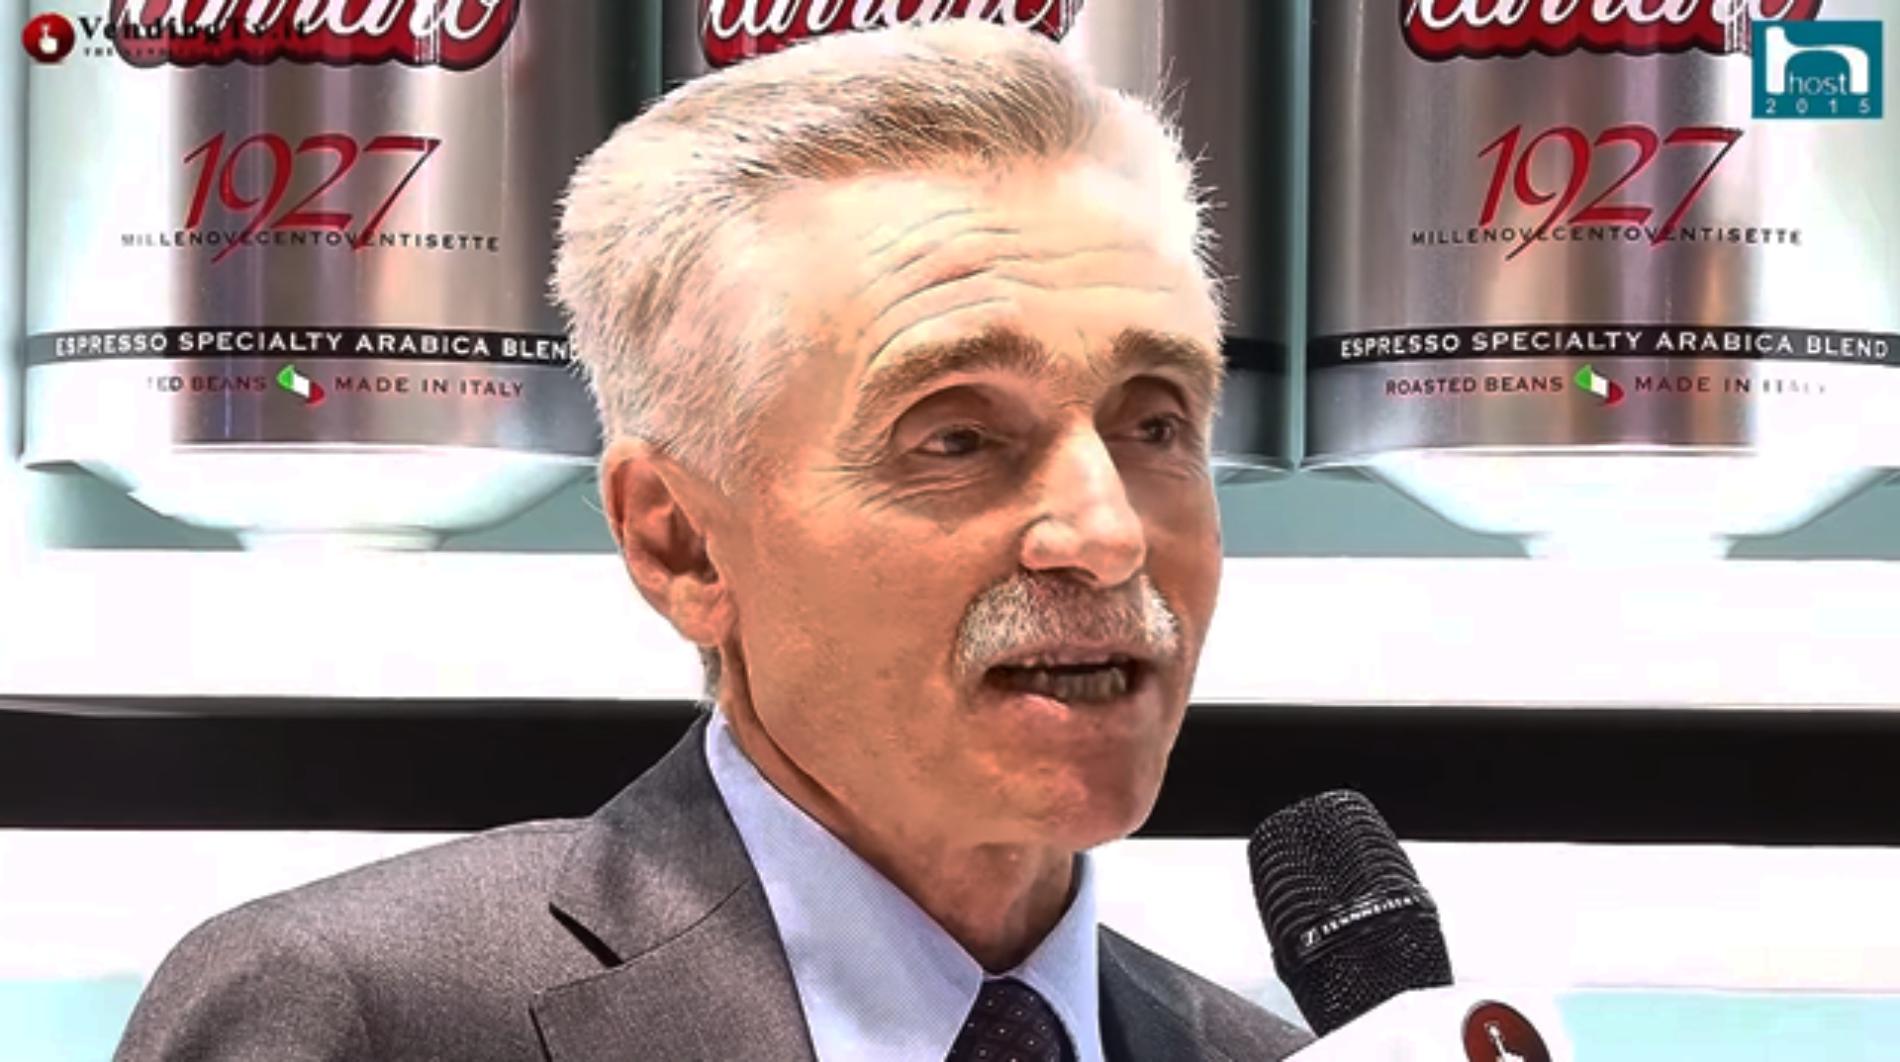 HOST 2015 – Intervista col dott. Giuseppe Zanandrea di Caffè Carraro